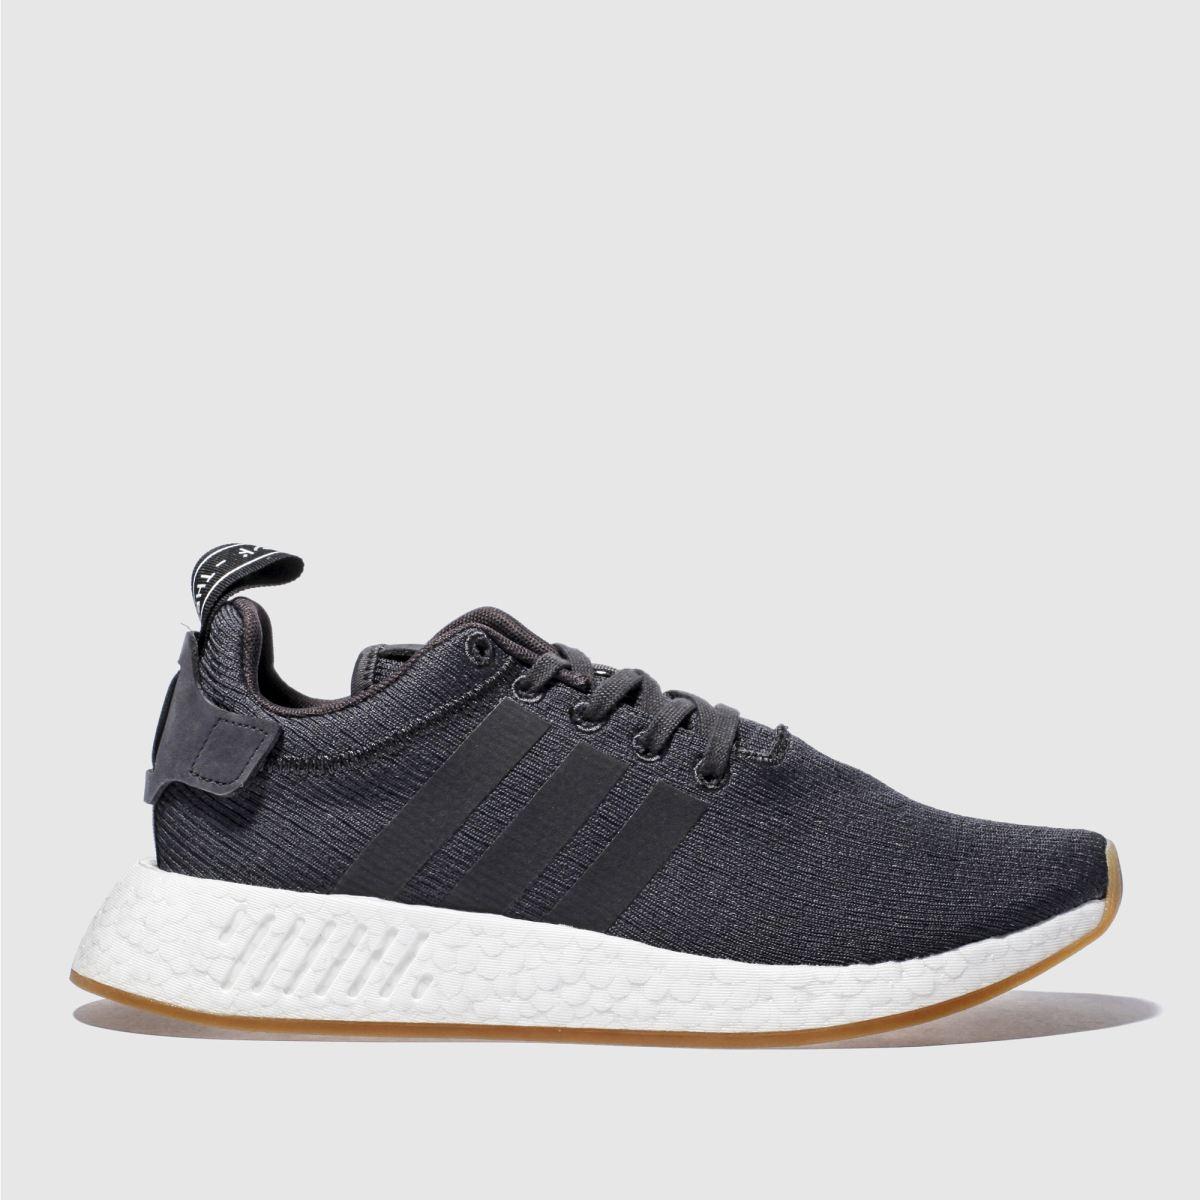 adidas dark grey nmd_r2 trainers